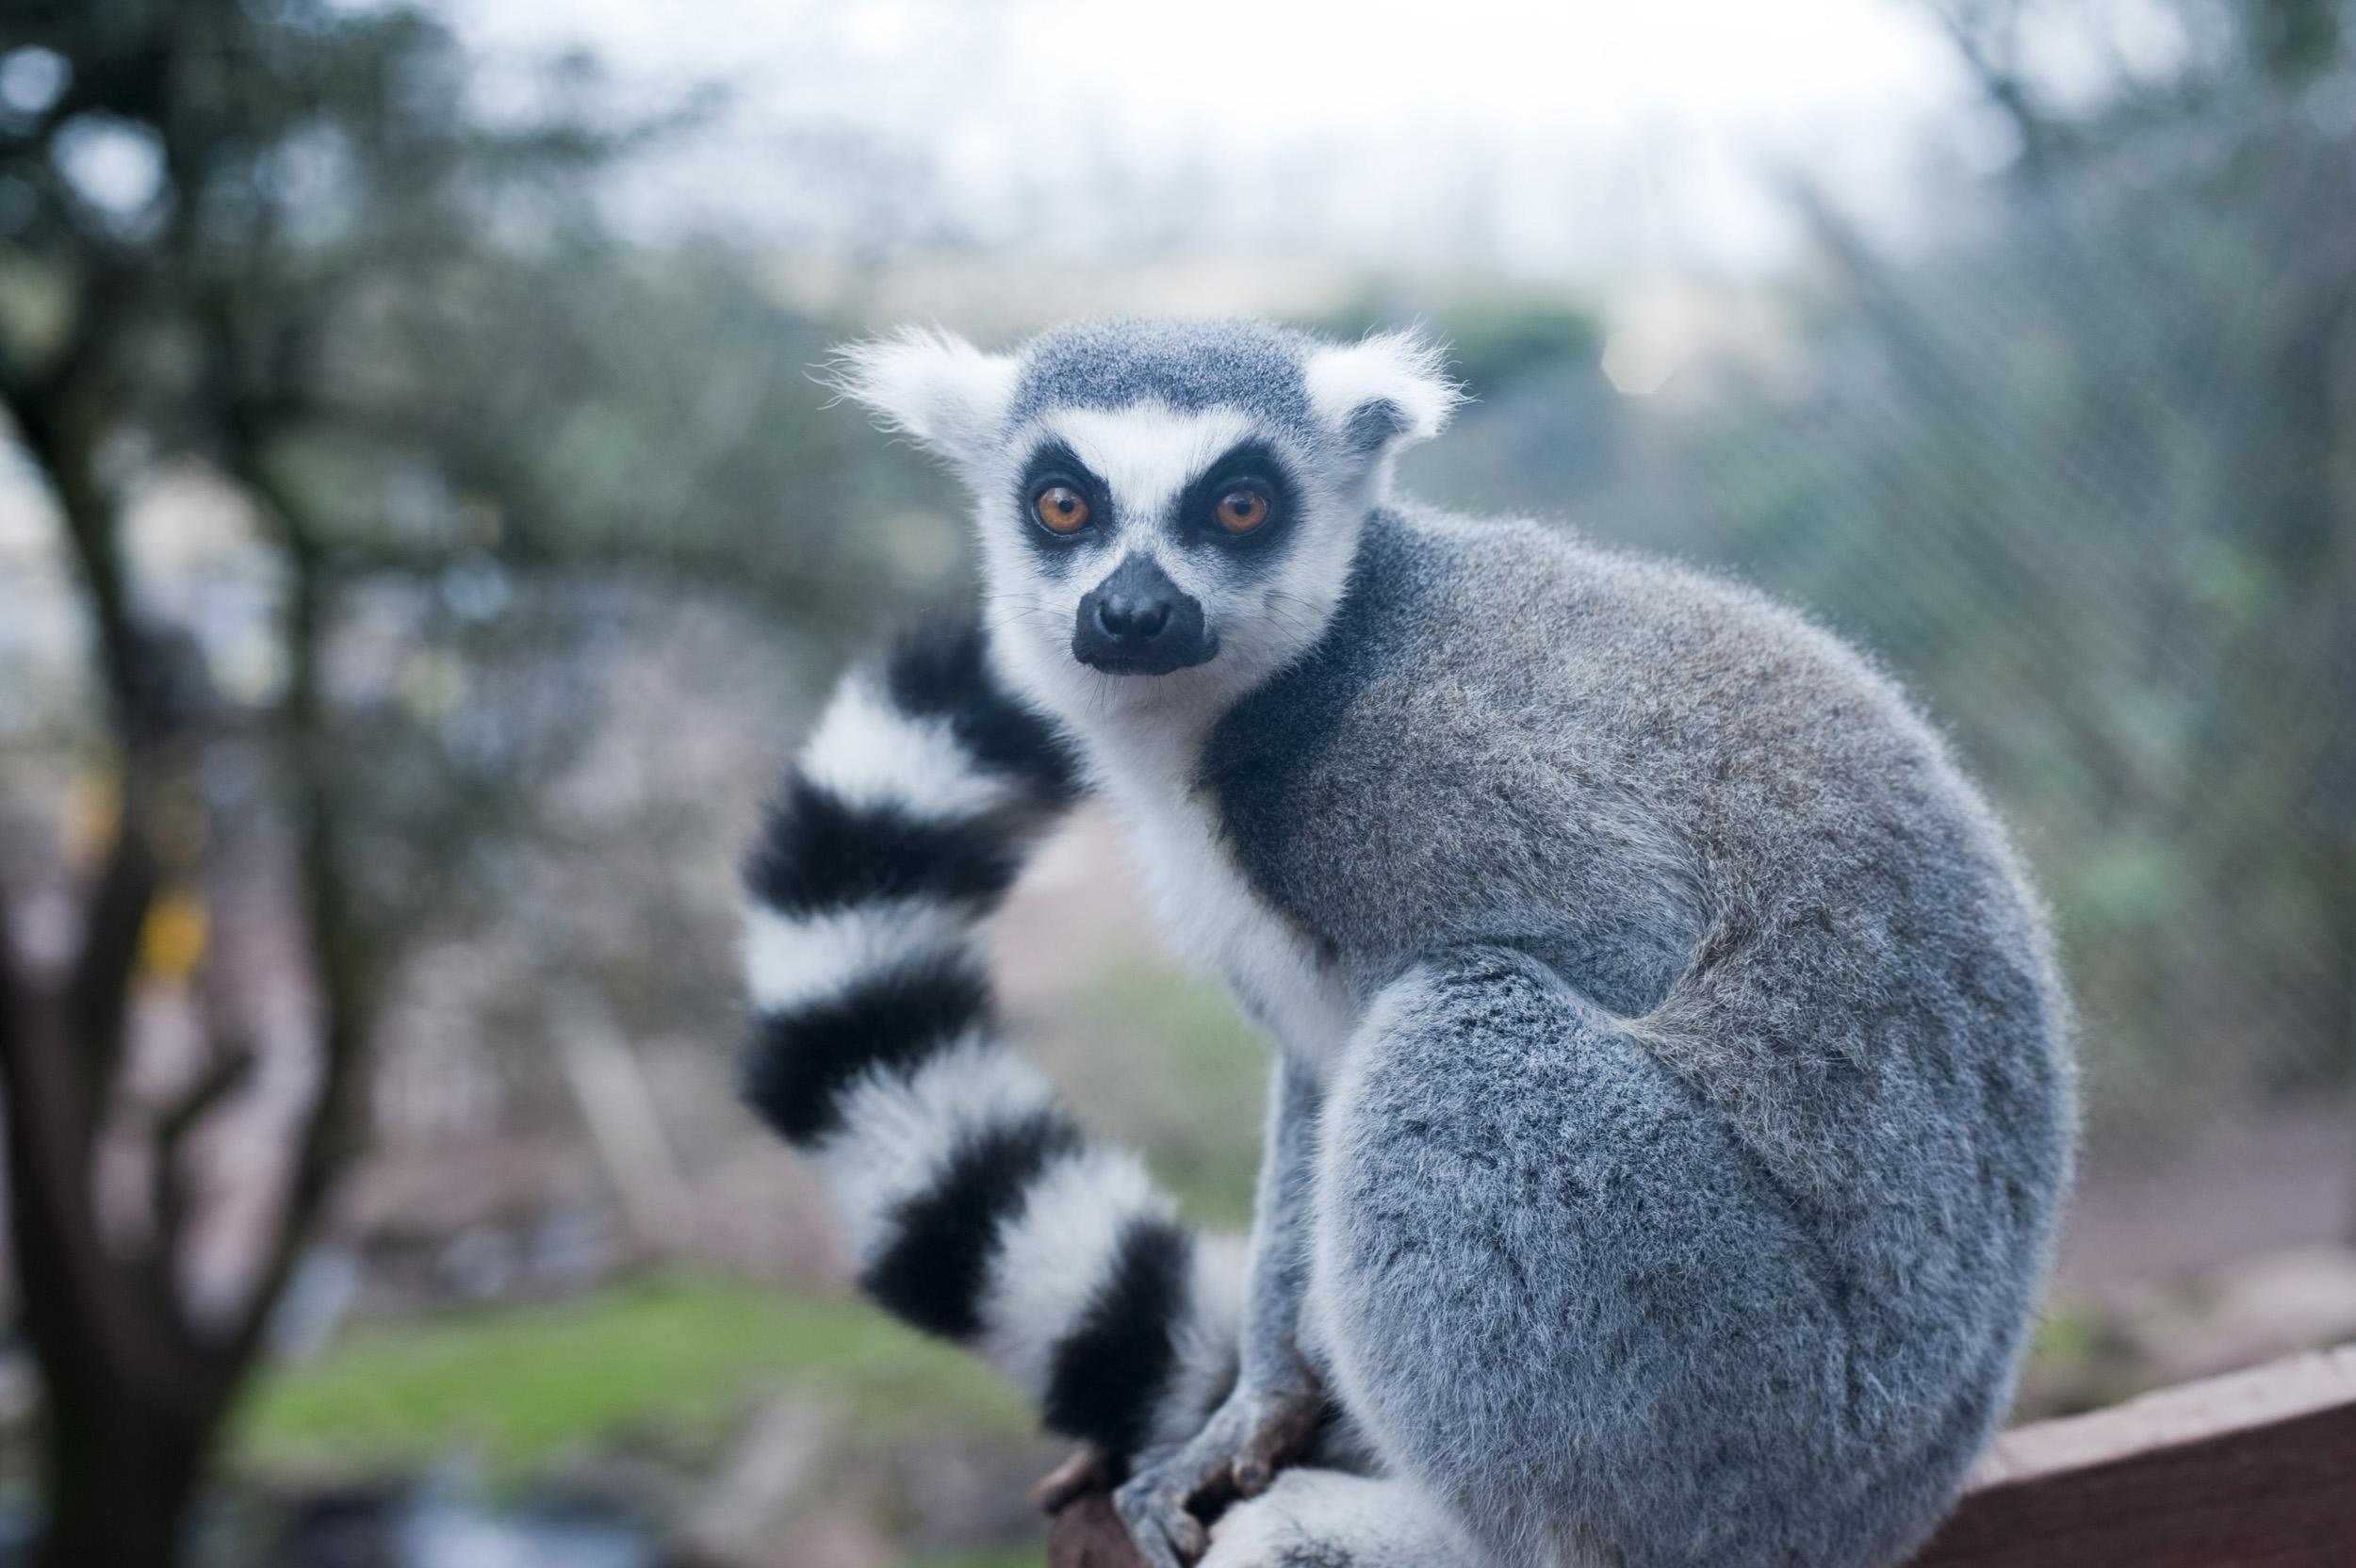 Free image of Ring-tailed lemur